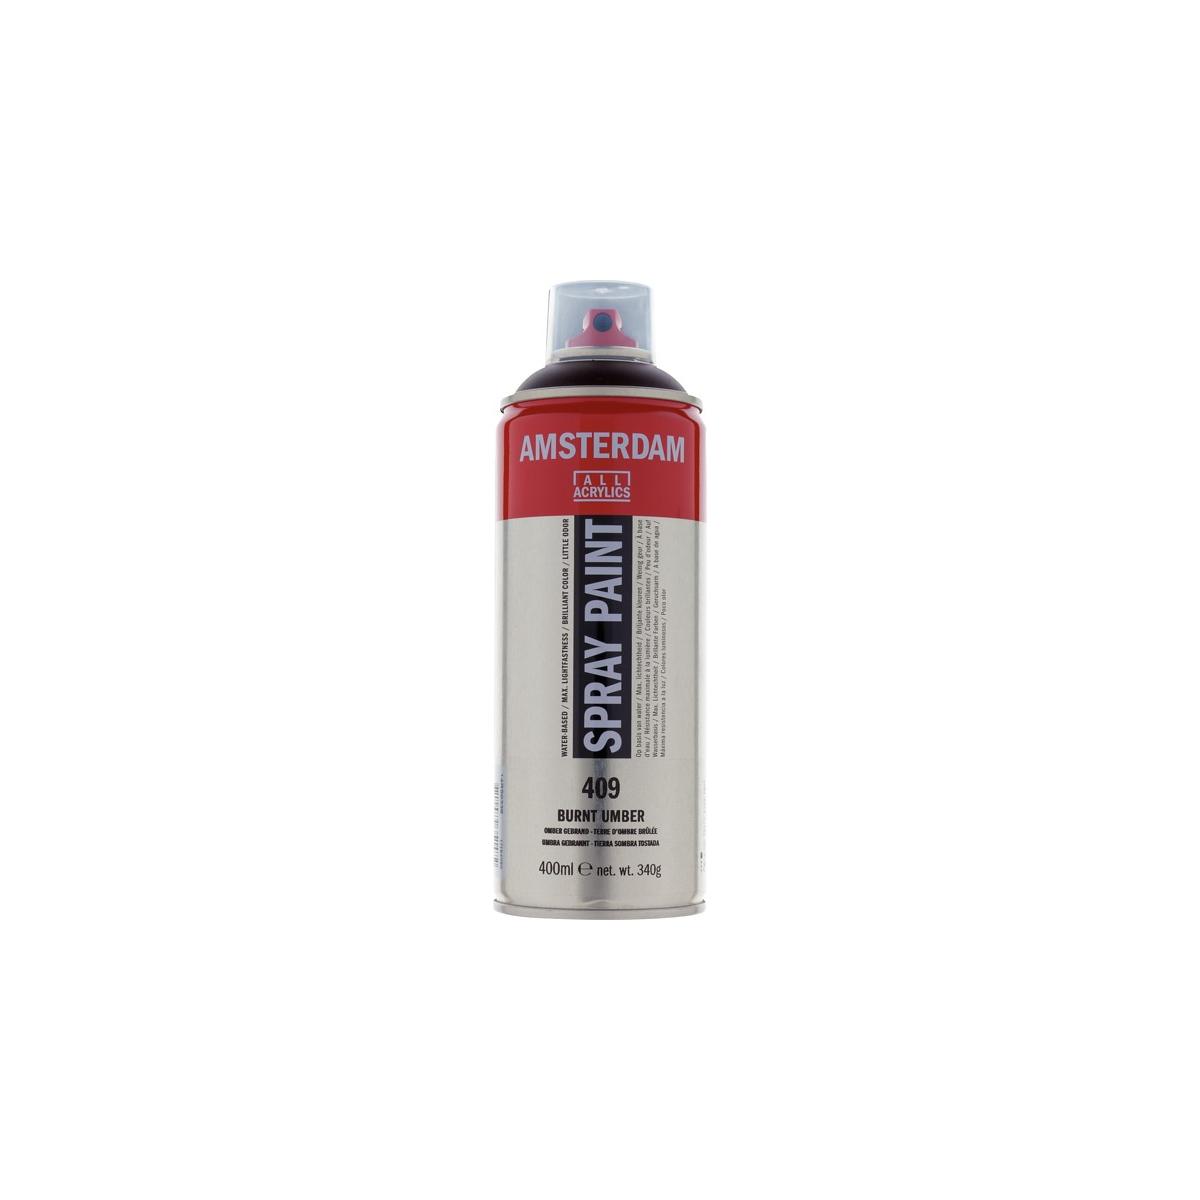 SPRAY AMSTERDAM TALENS 409...